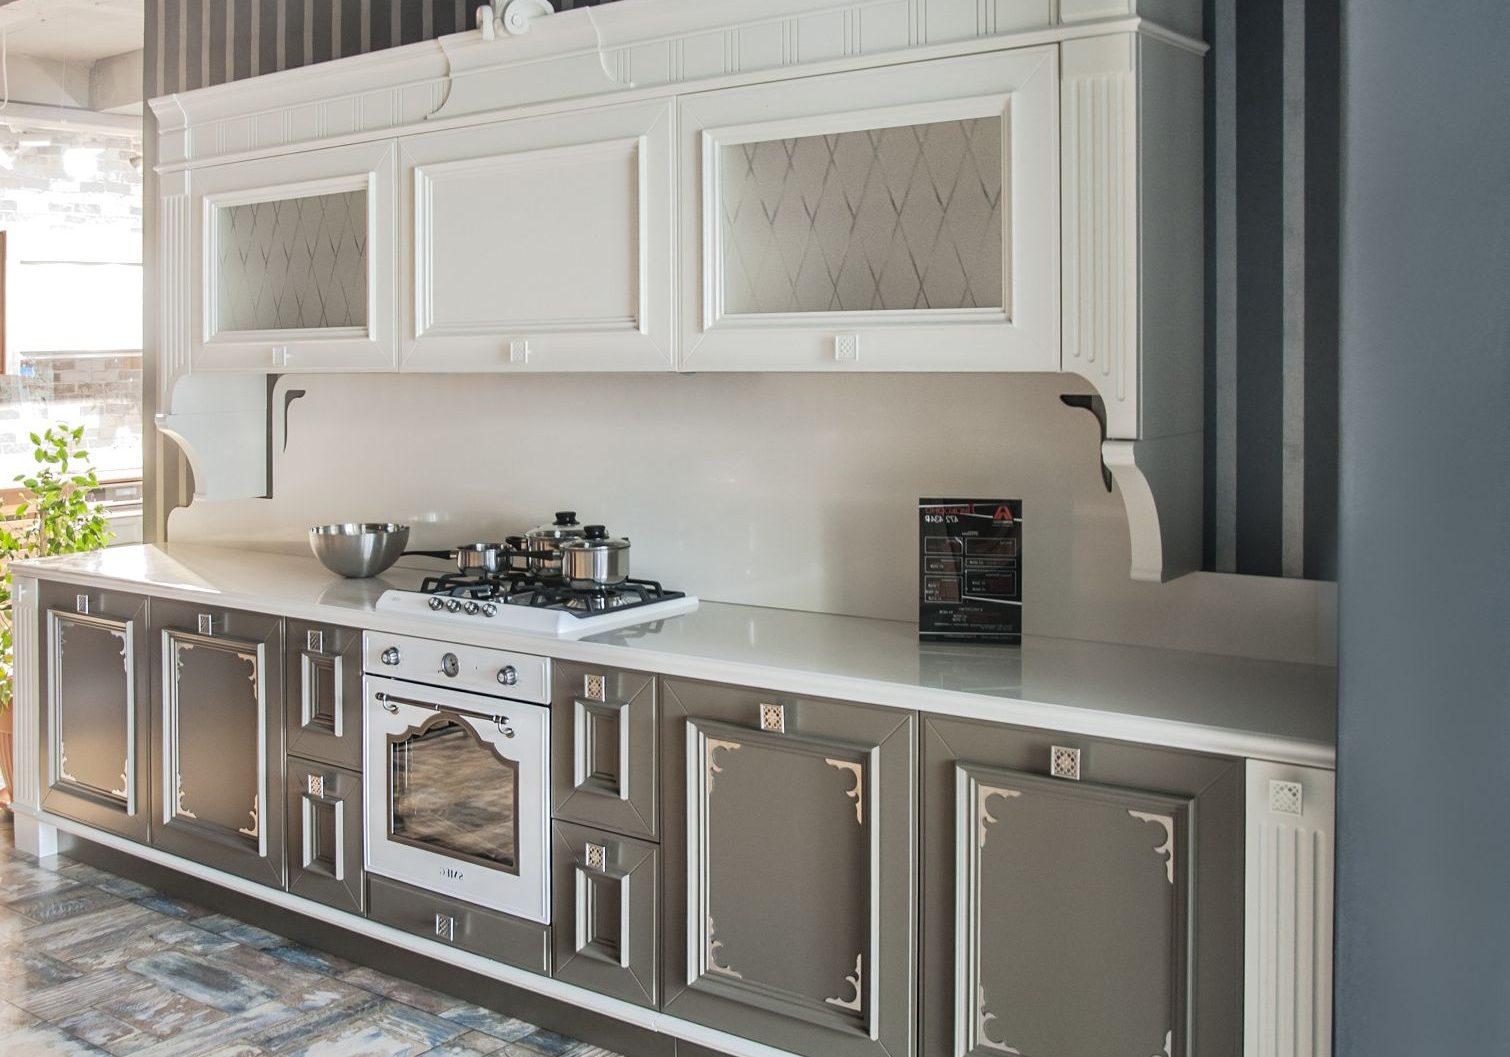 Прямая кухня бело-серая, хайтек, модерн